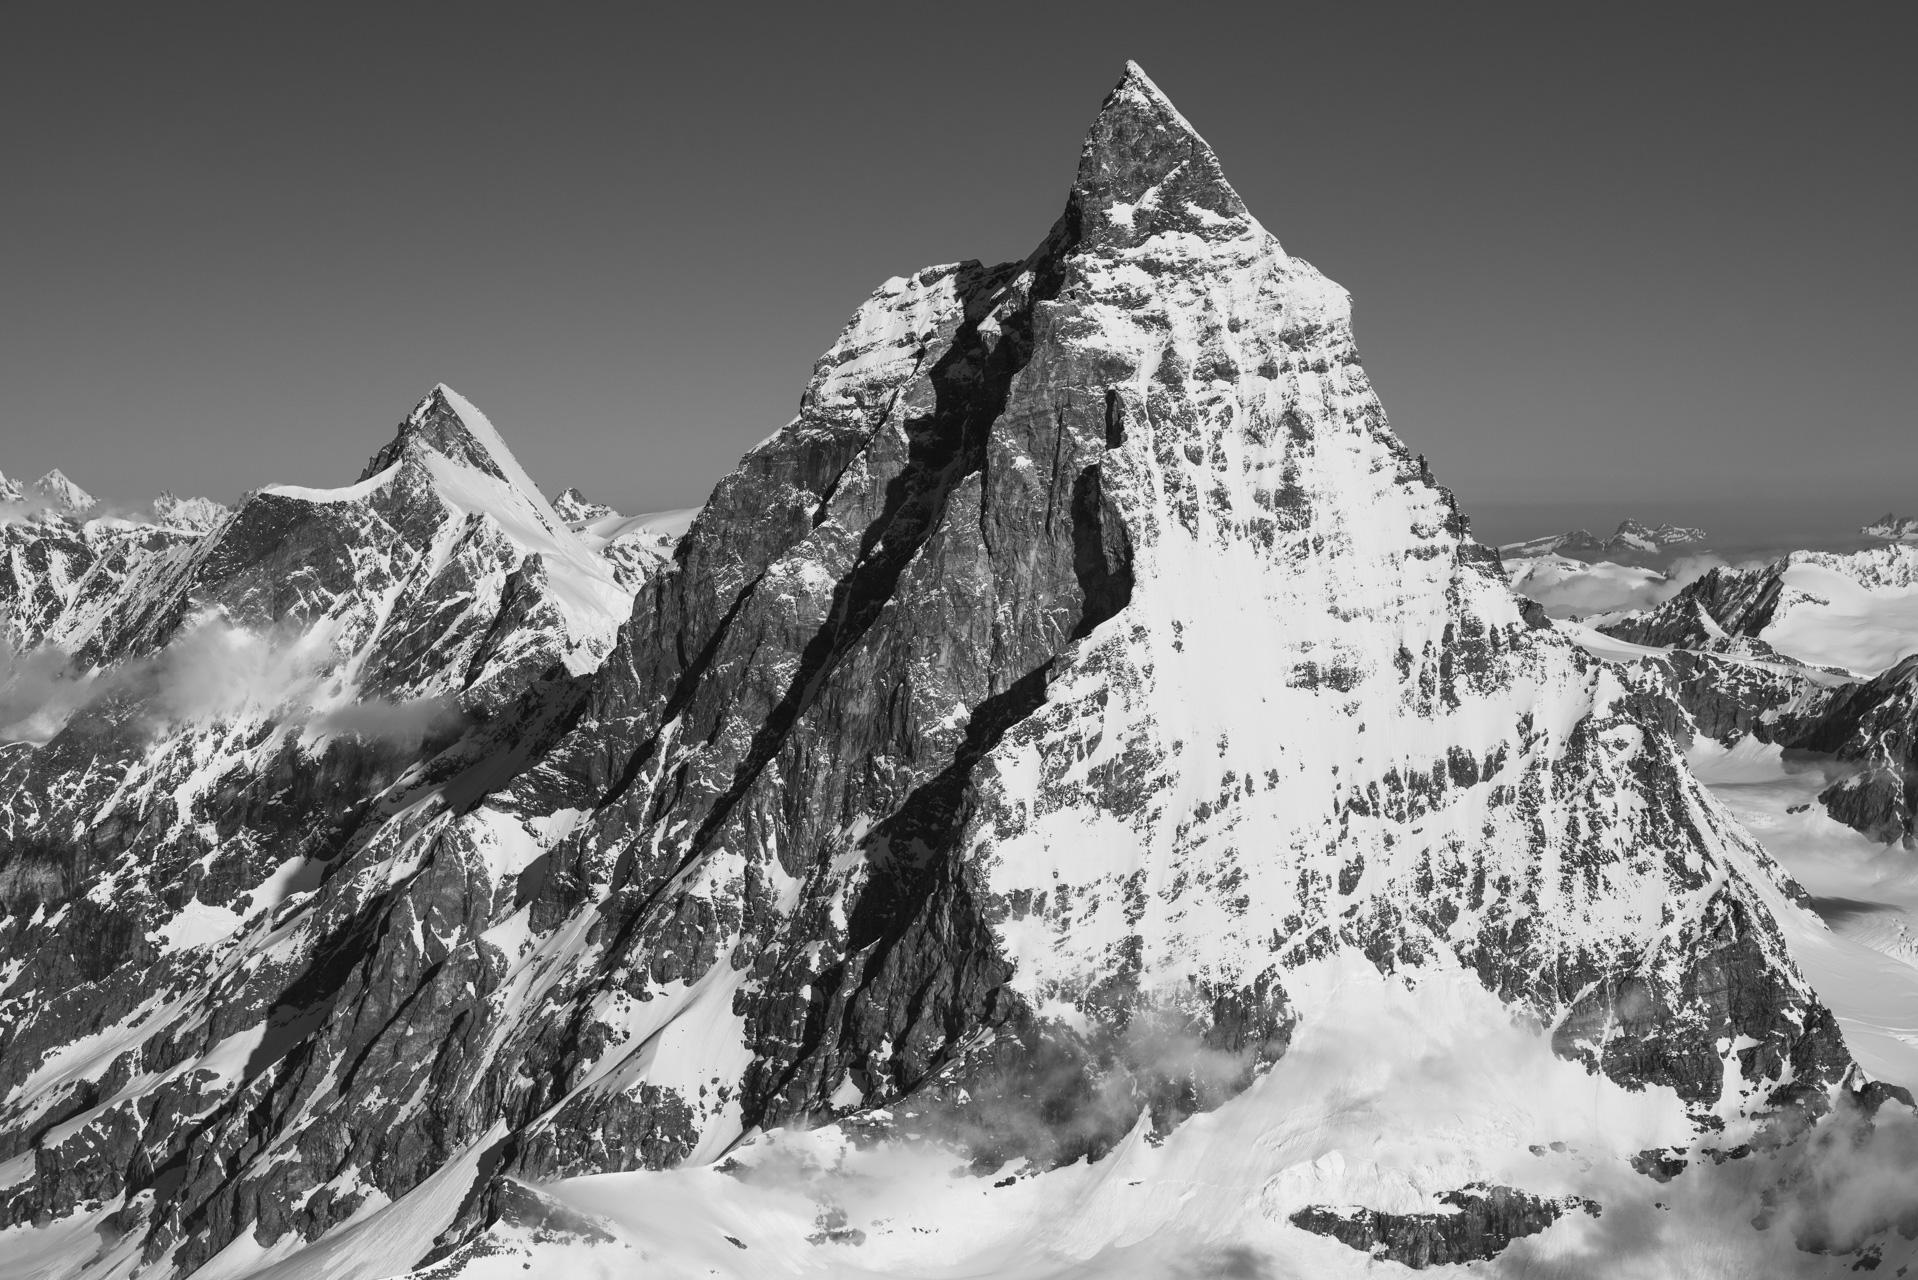 Image montagne neige du Mont Cervin Zermatt en noir et blanc - Arrête du Hornli